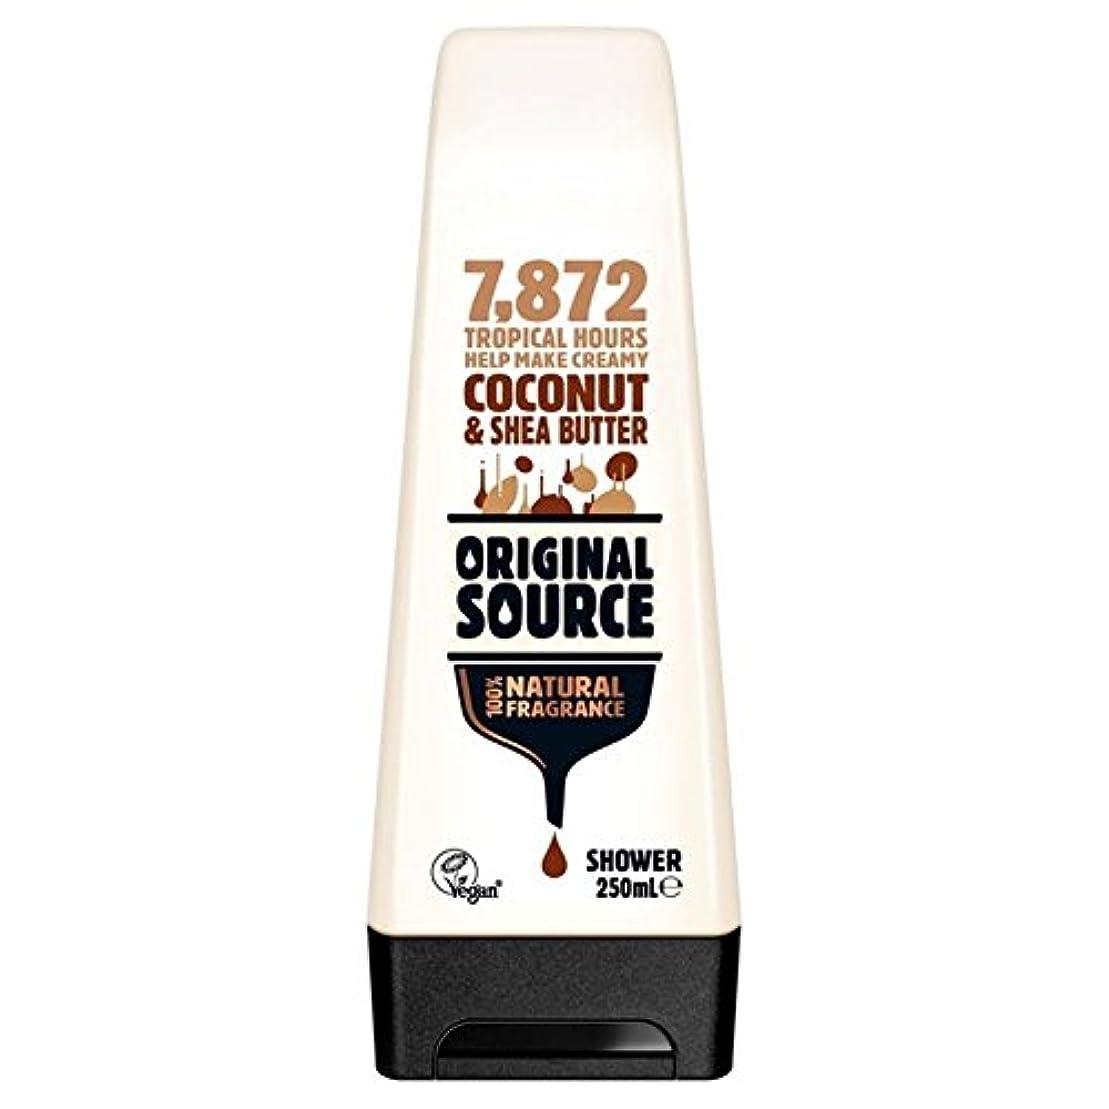 ガラス算術牧草地Original Source Moisturising Coconut & Shea Butter Shower Gel 250ml (Pack of 6) - 元のソース保湿ココナッツ&シアバターシャワージェル250ミリリットル x6 [並行輸入品]